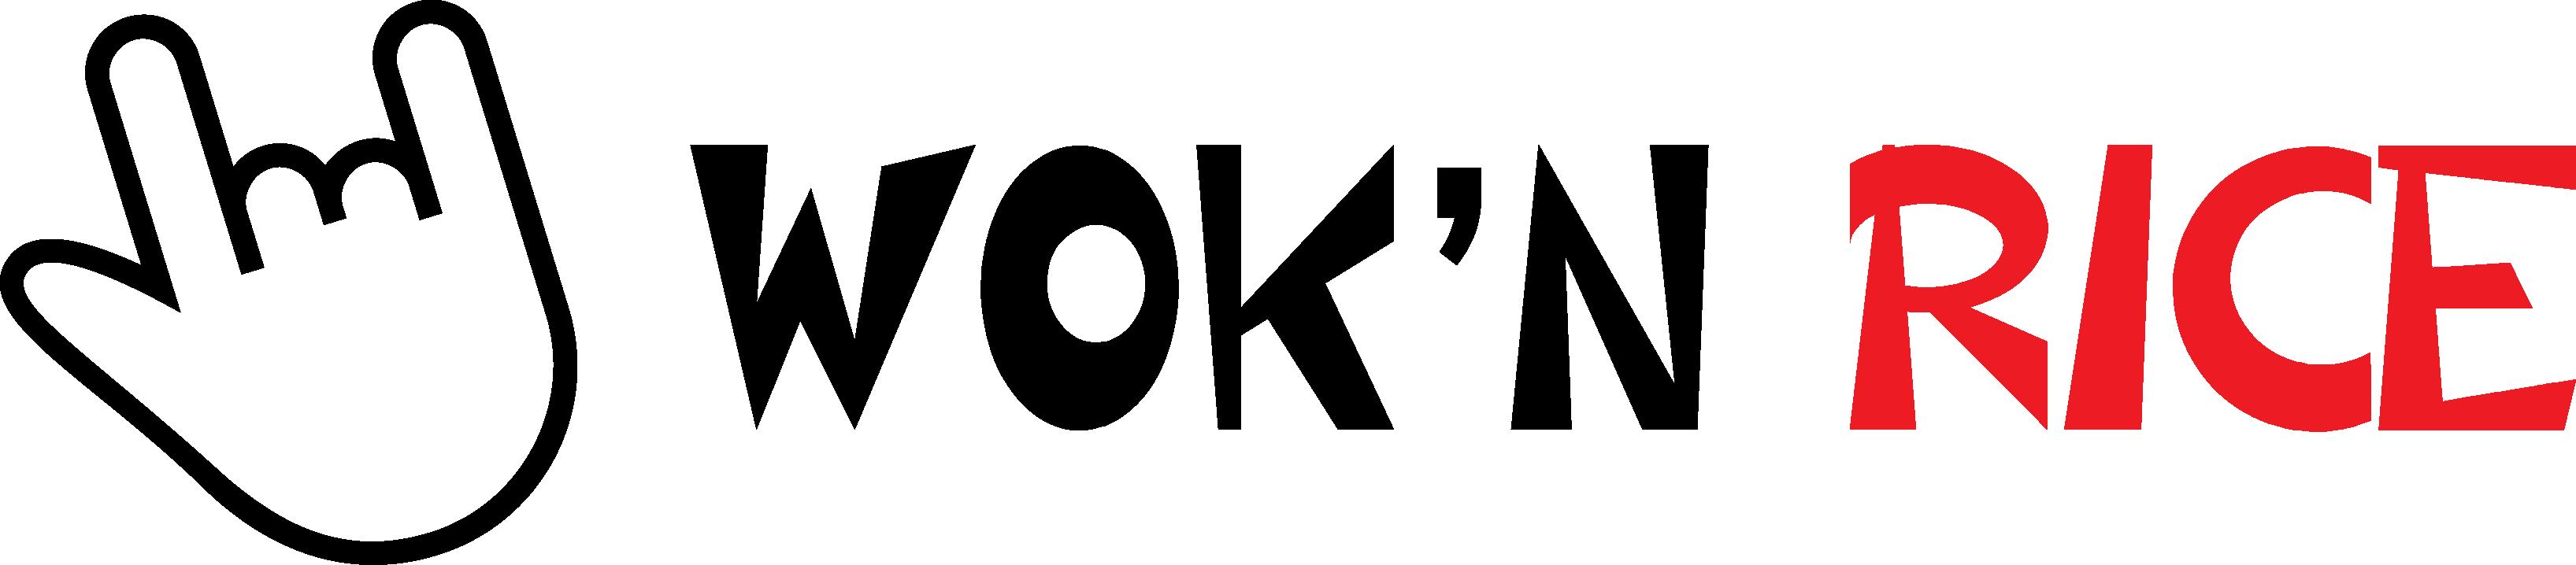 Wok'n Rice logo